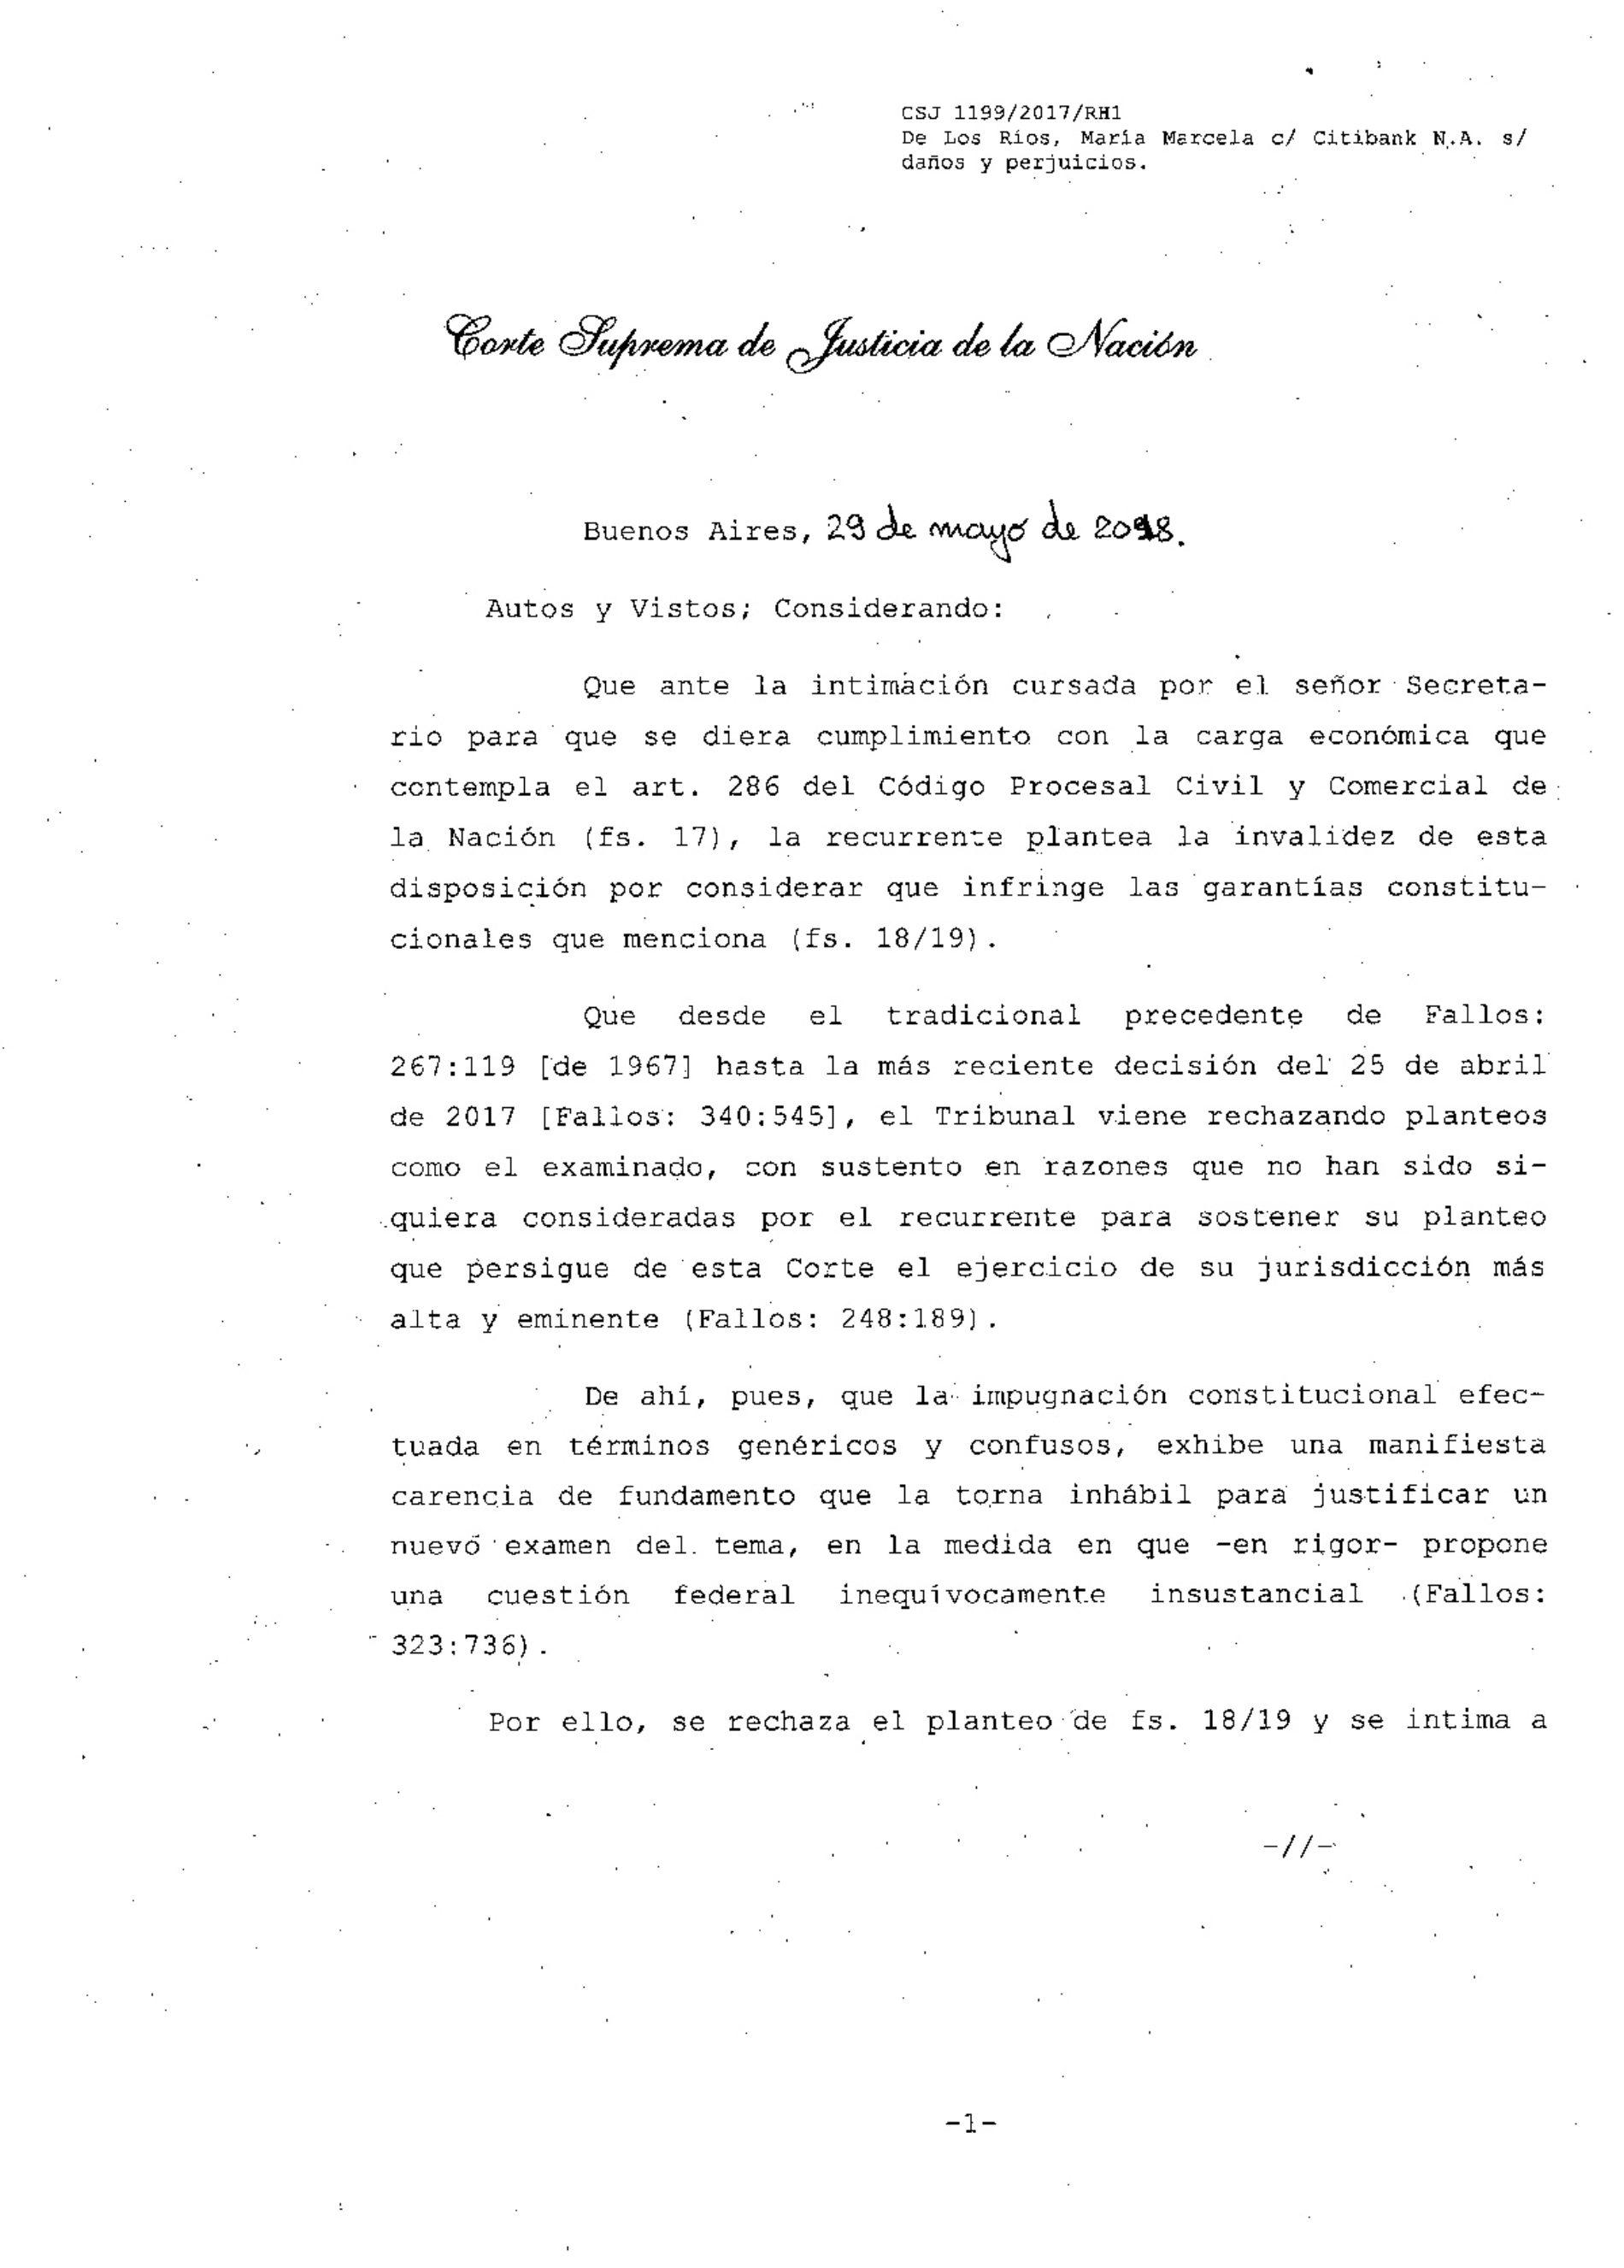 «Fallo de la C.S.J.N. -materia civil-: Constitucionalidad s/ obligación de depósito para tratamiento de recurso ext.»